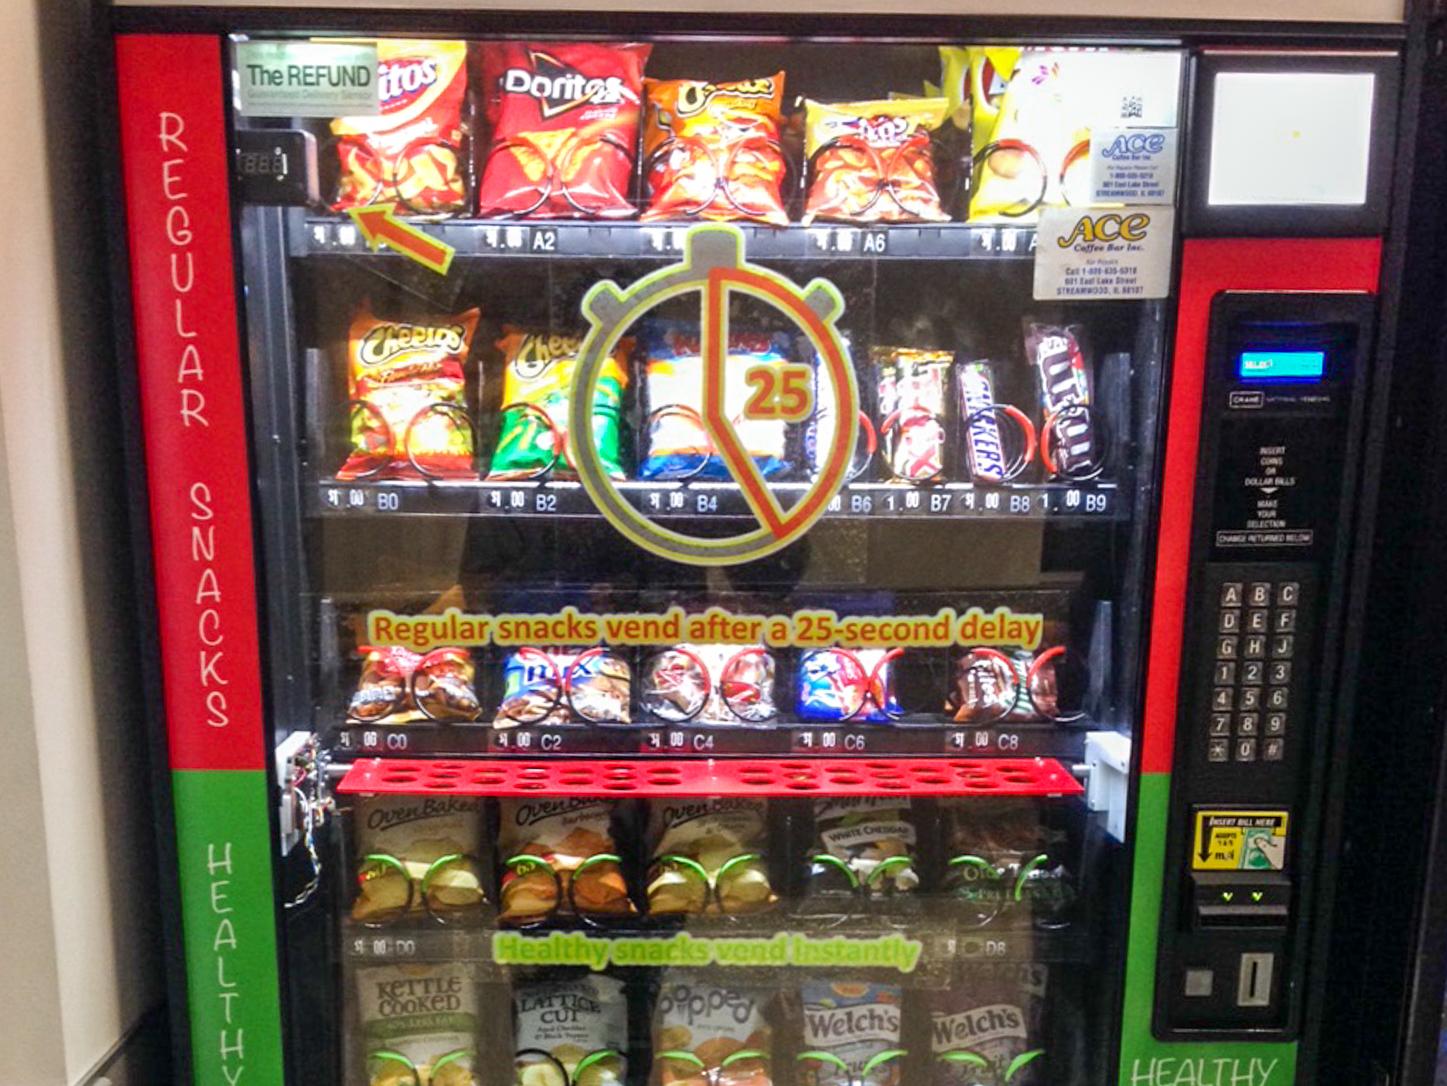 'Smart' Vending Machine Promotes Healthier Choices